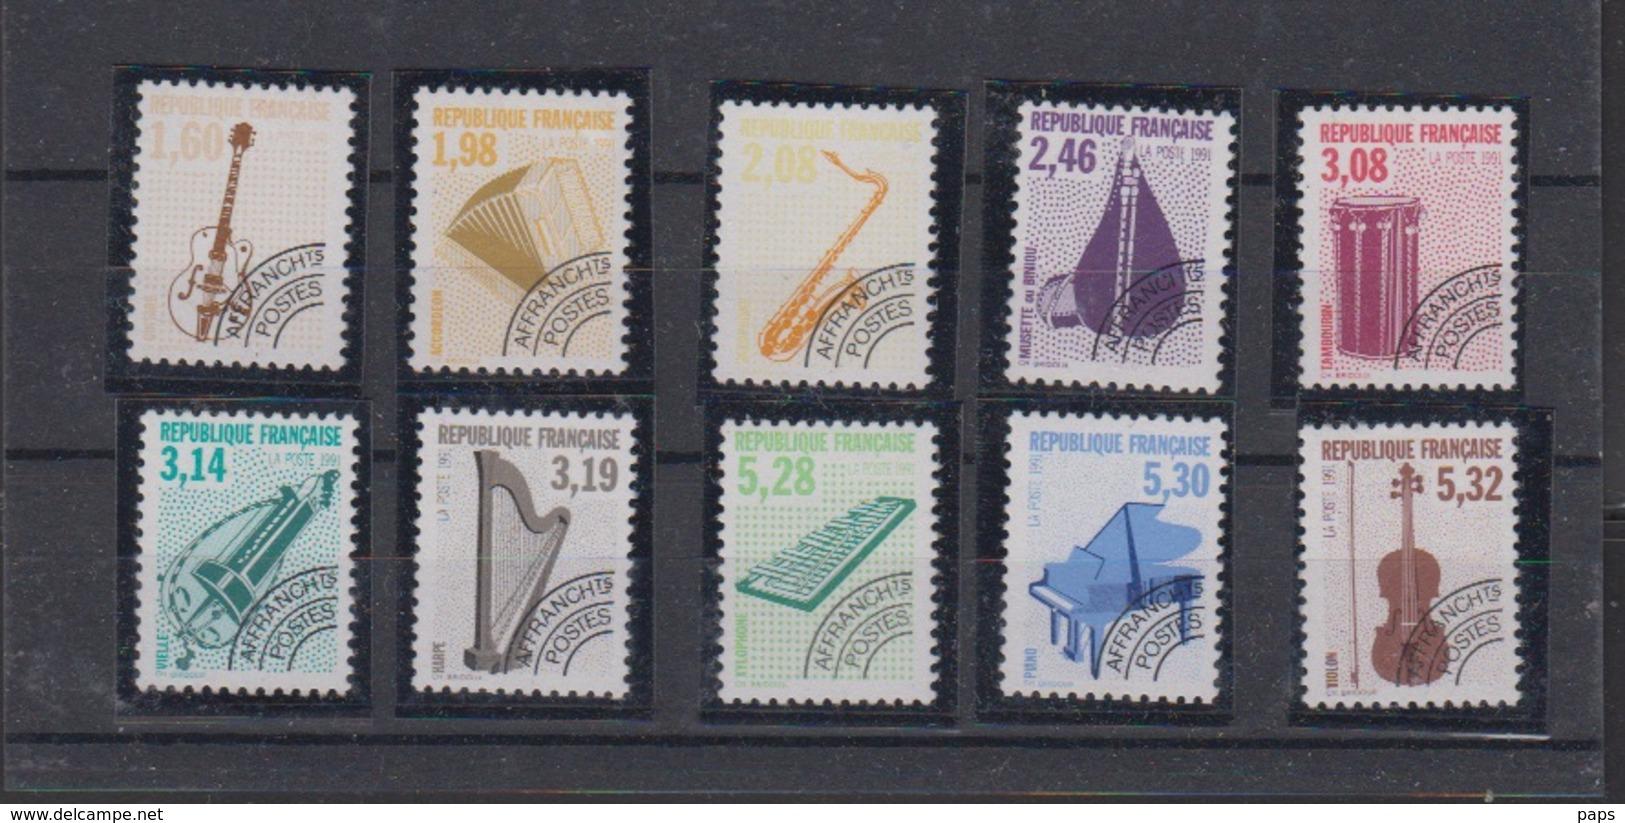 1992-PREO N°213a/223a** INSTRUMENTS DE MUSIQUE.DENTELES 12.LA SERIE SIGNEE CALVES - Vorausentwertungen